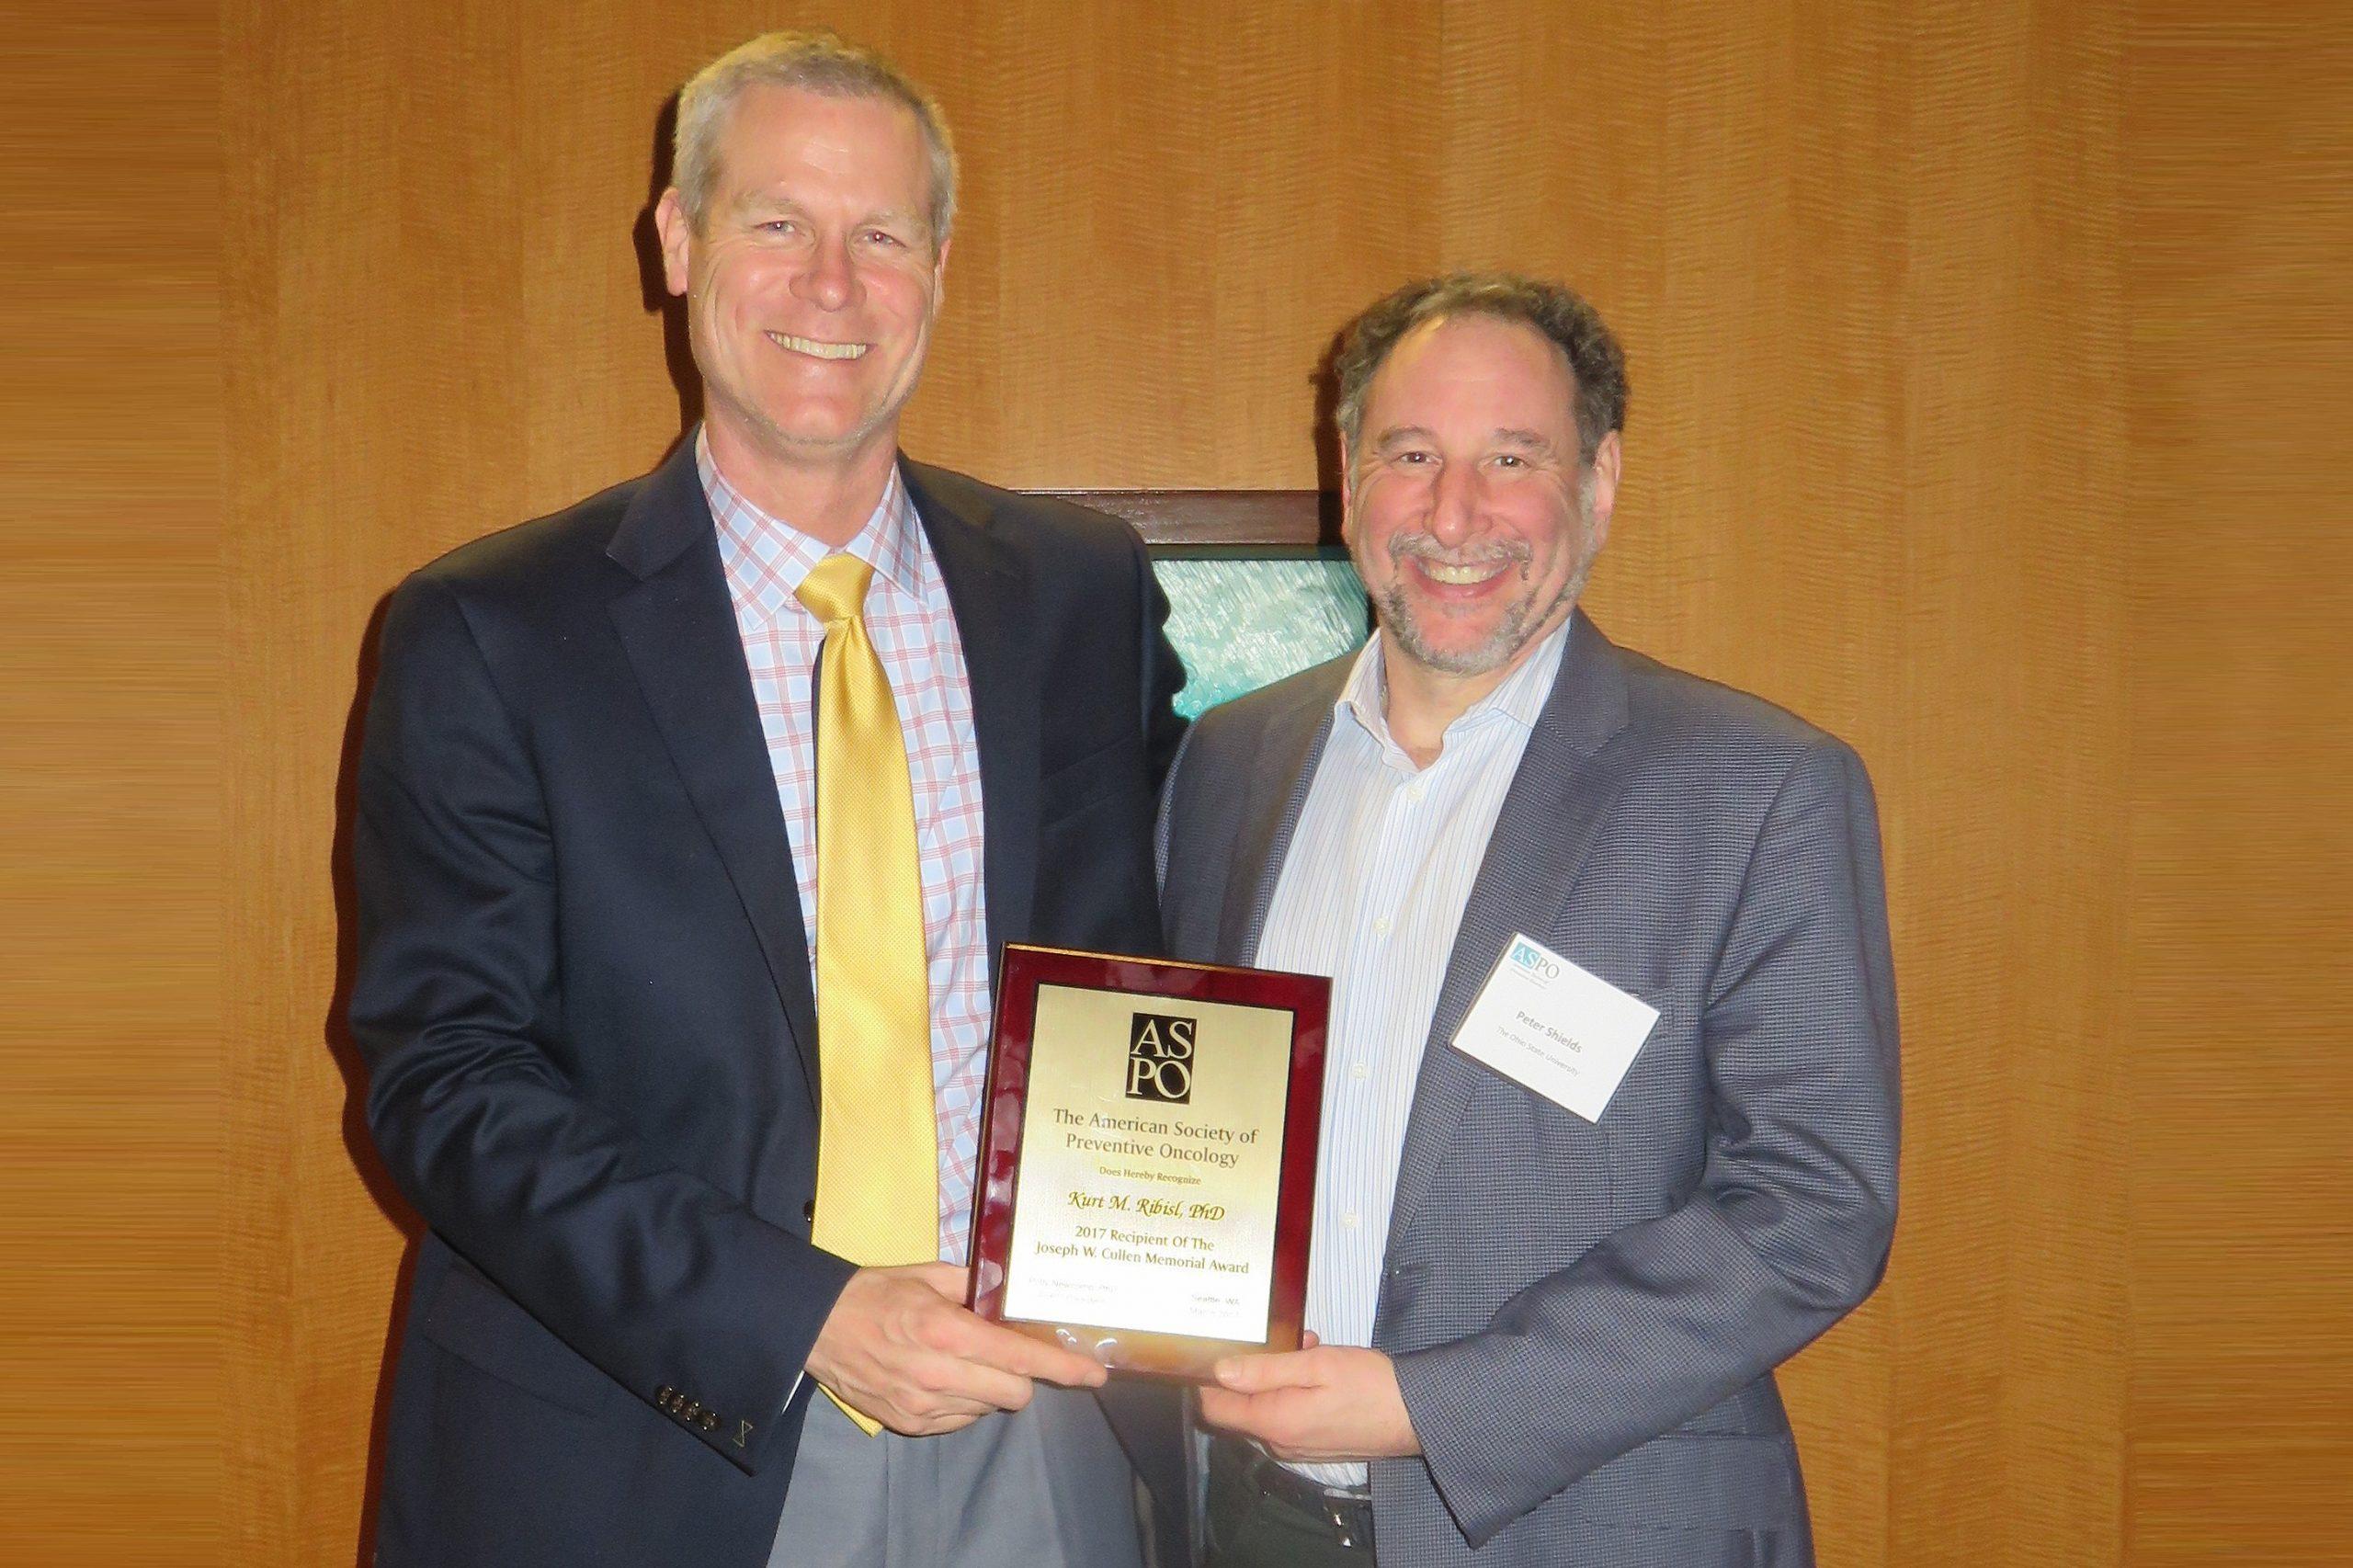 ASPO honors Ribisl with Joseph W. Cullen Memorial Award ...